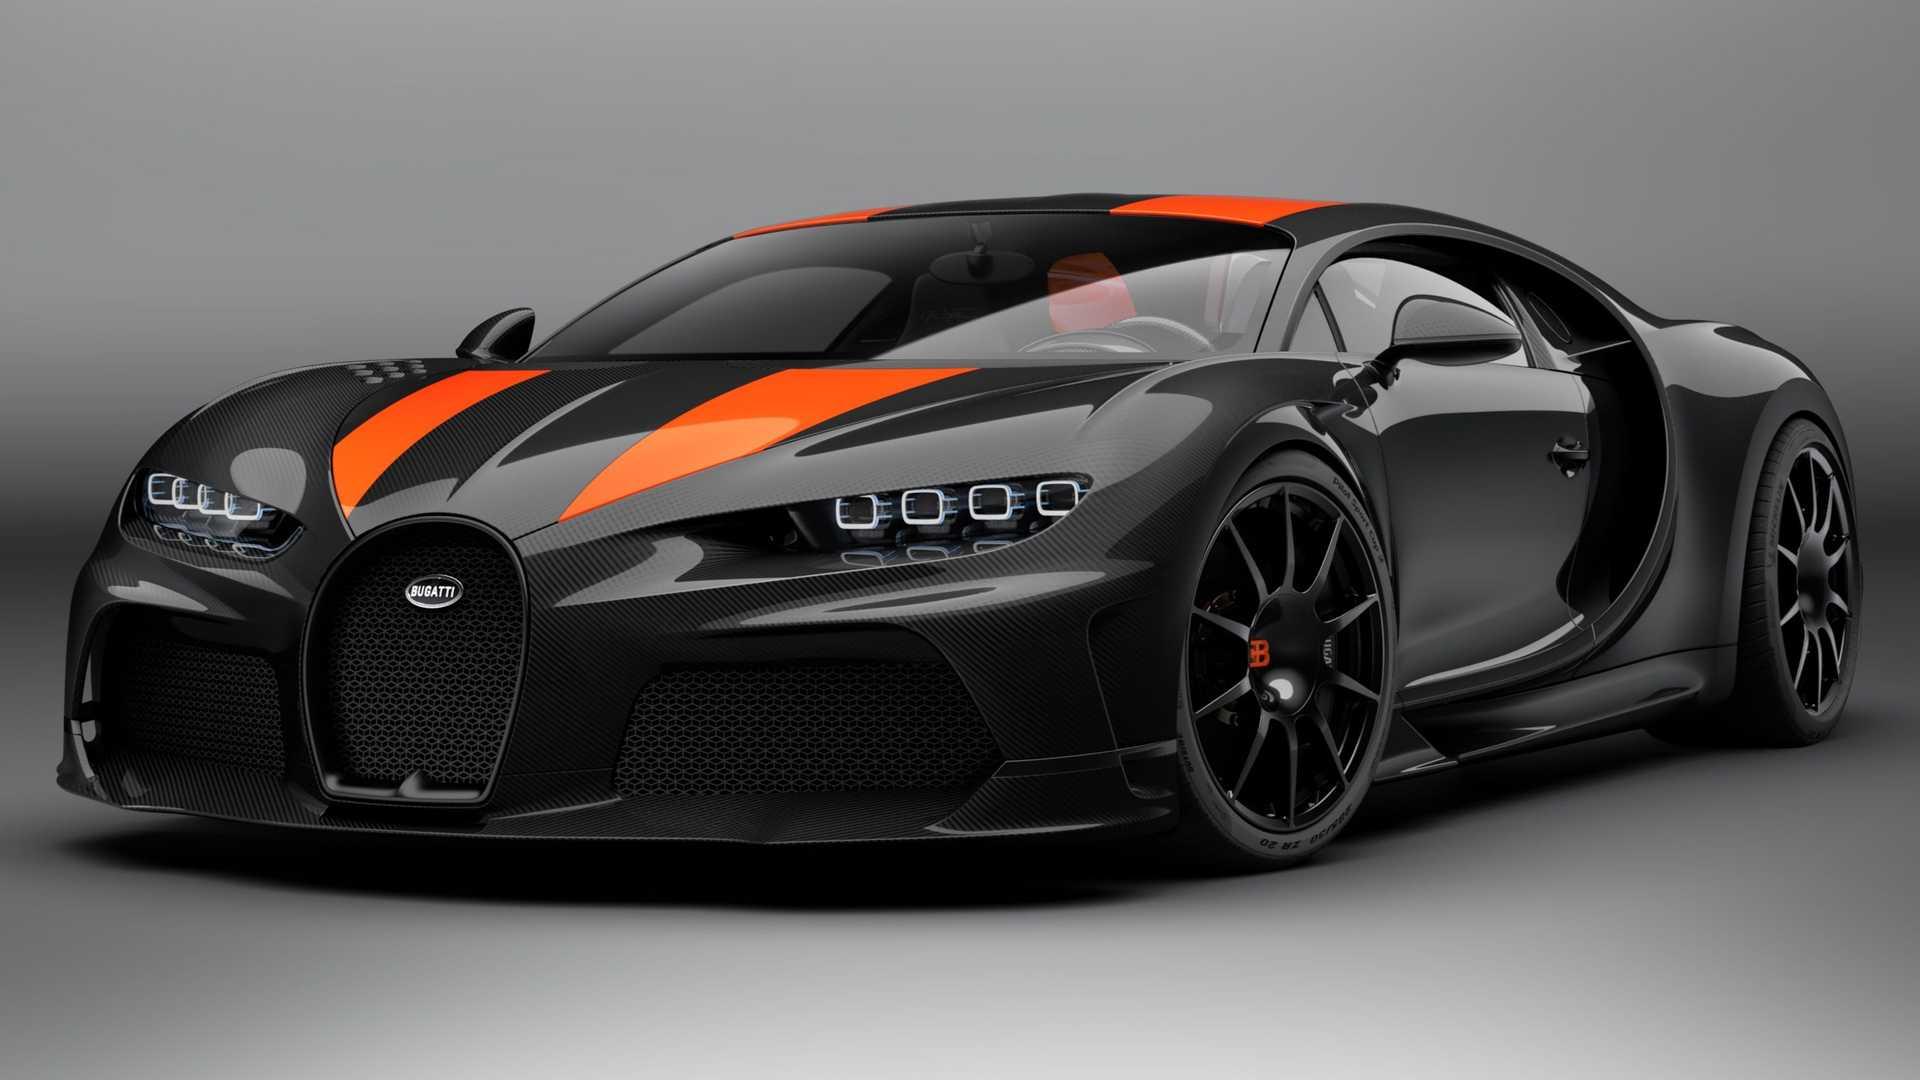 El Bugatti Chiron Super Sport 300+ ya es oficial: primeras imágenes